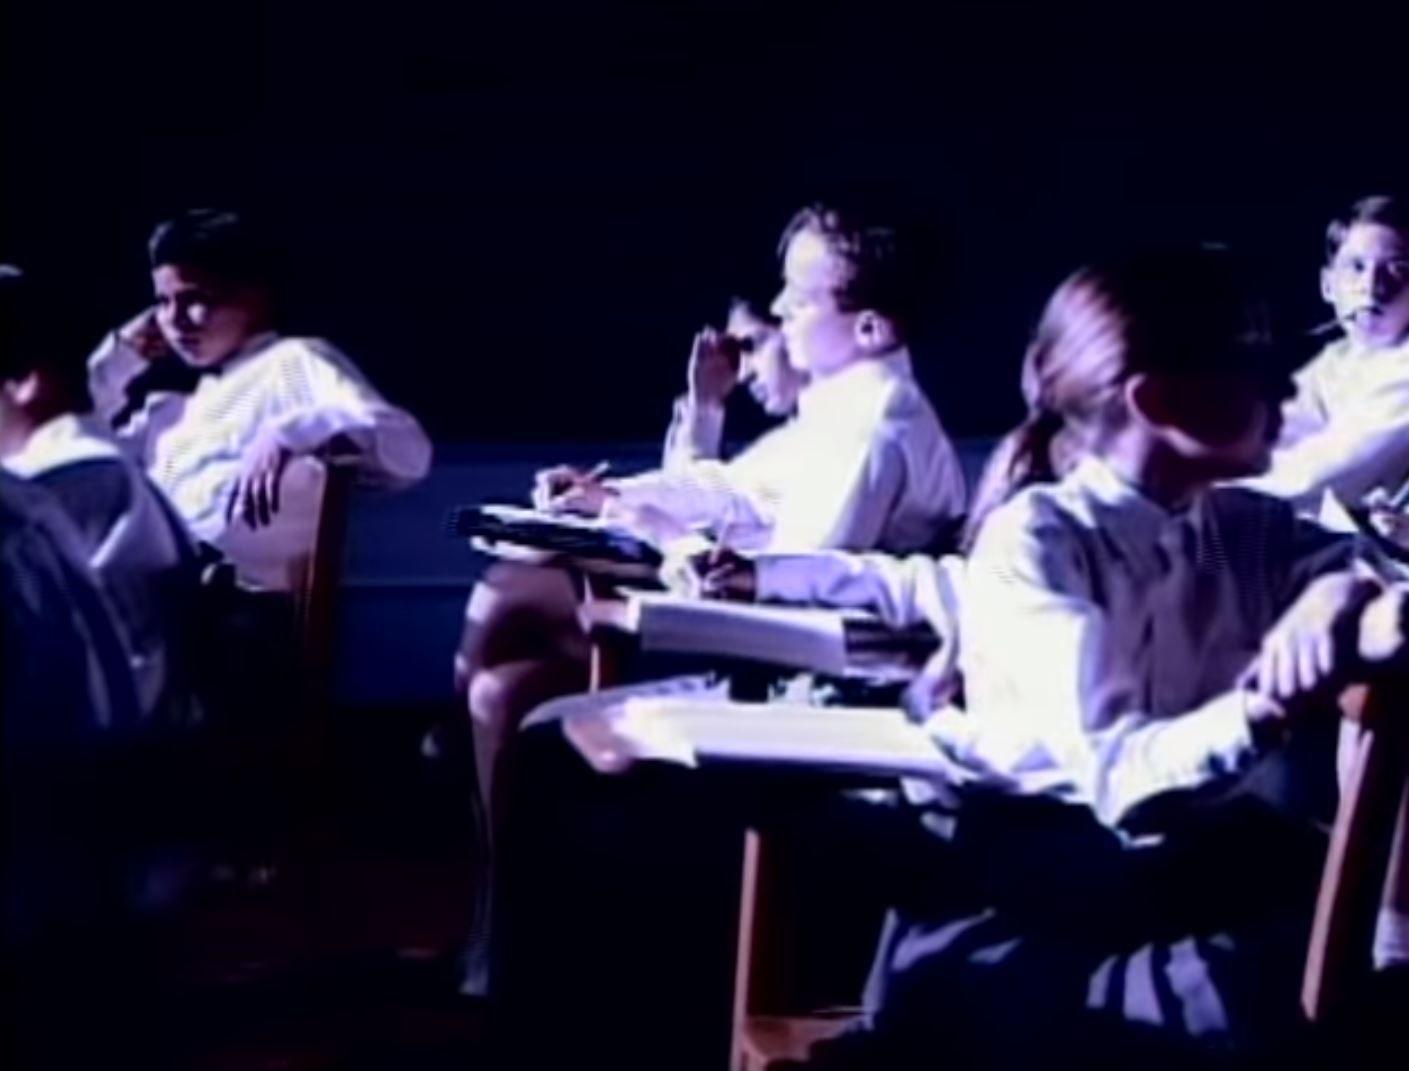 Jeremy music video